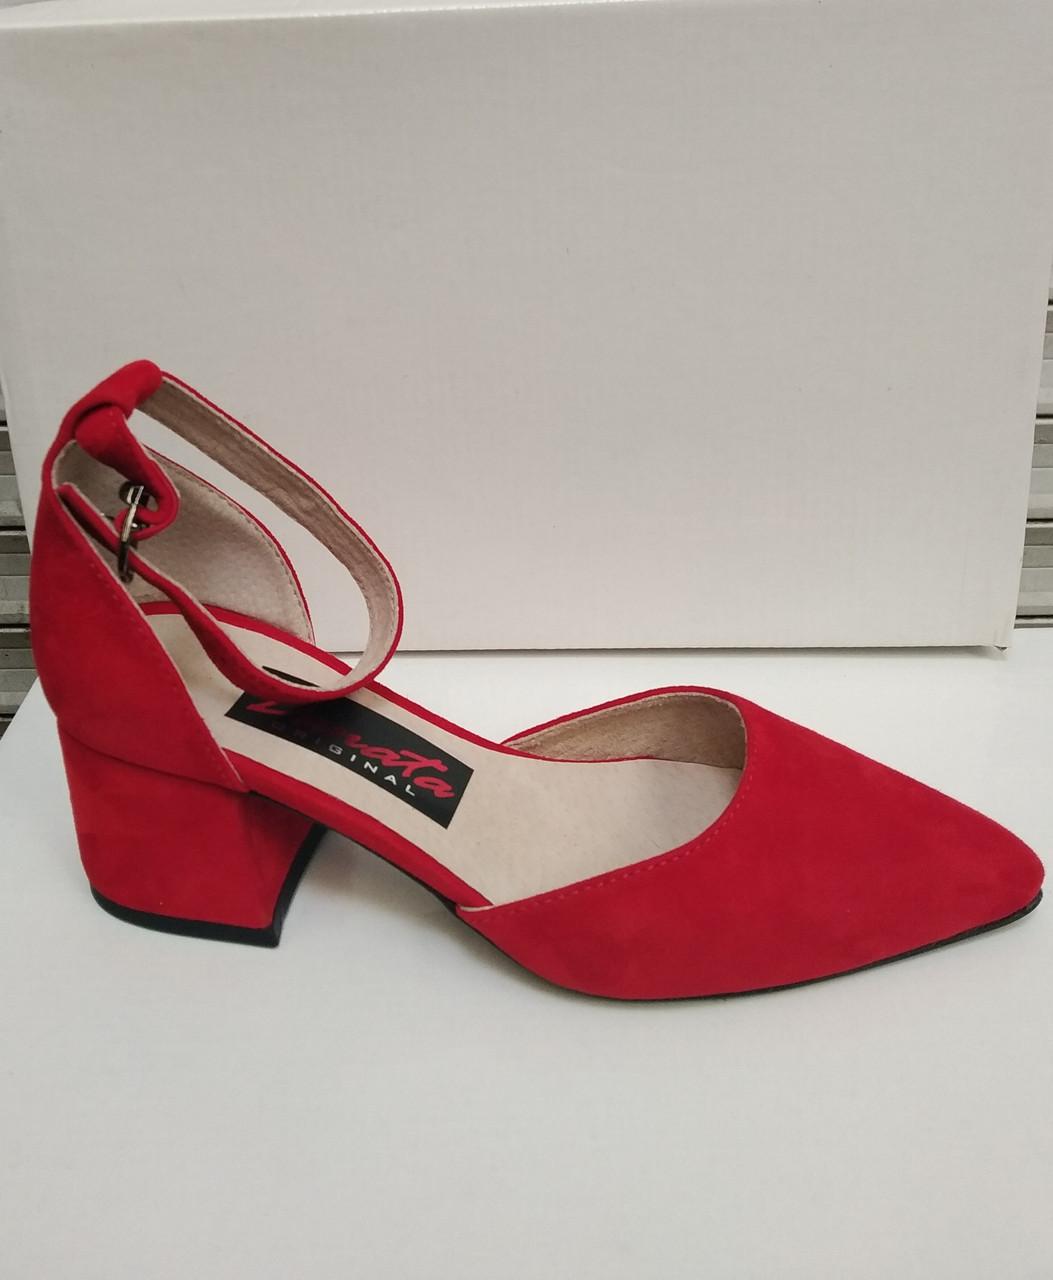 Босоножки туфли женские на каблуке замшевые красные